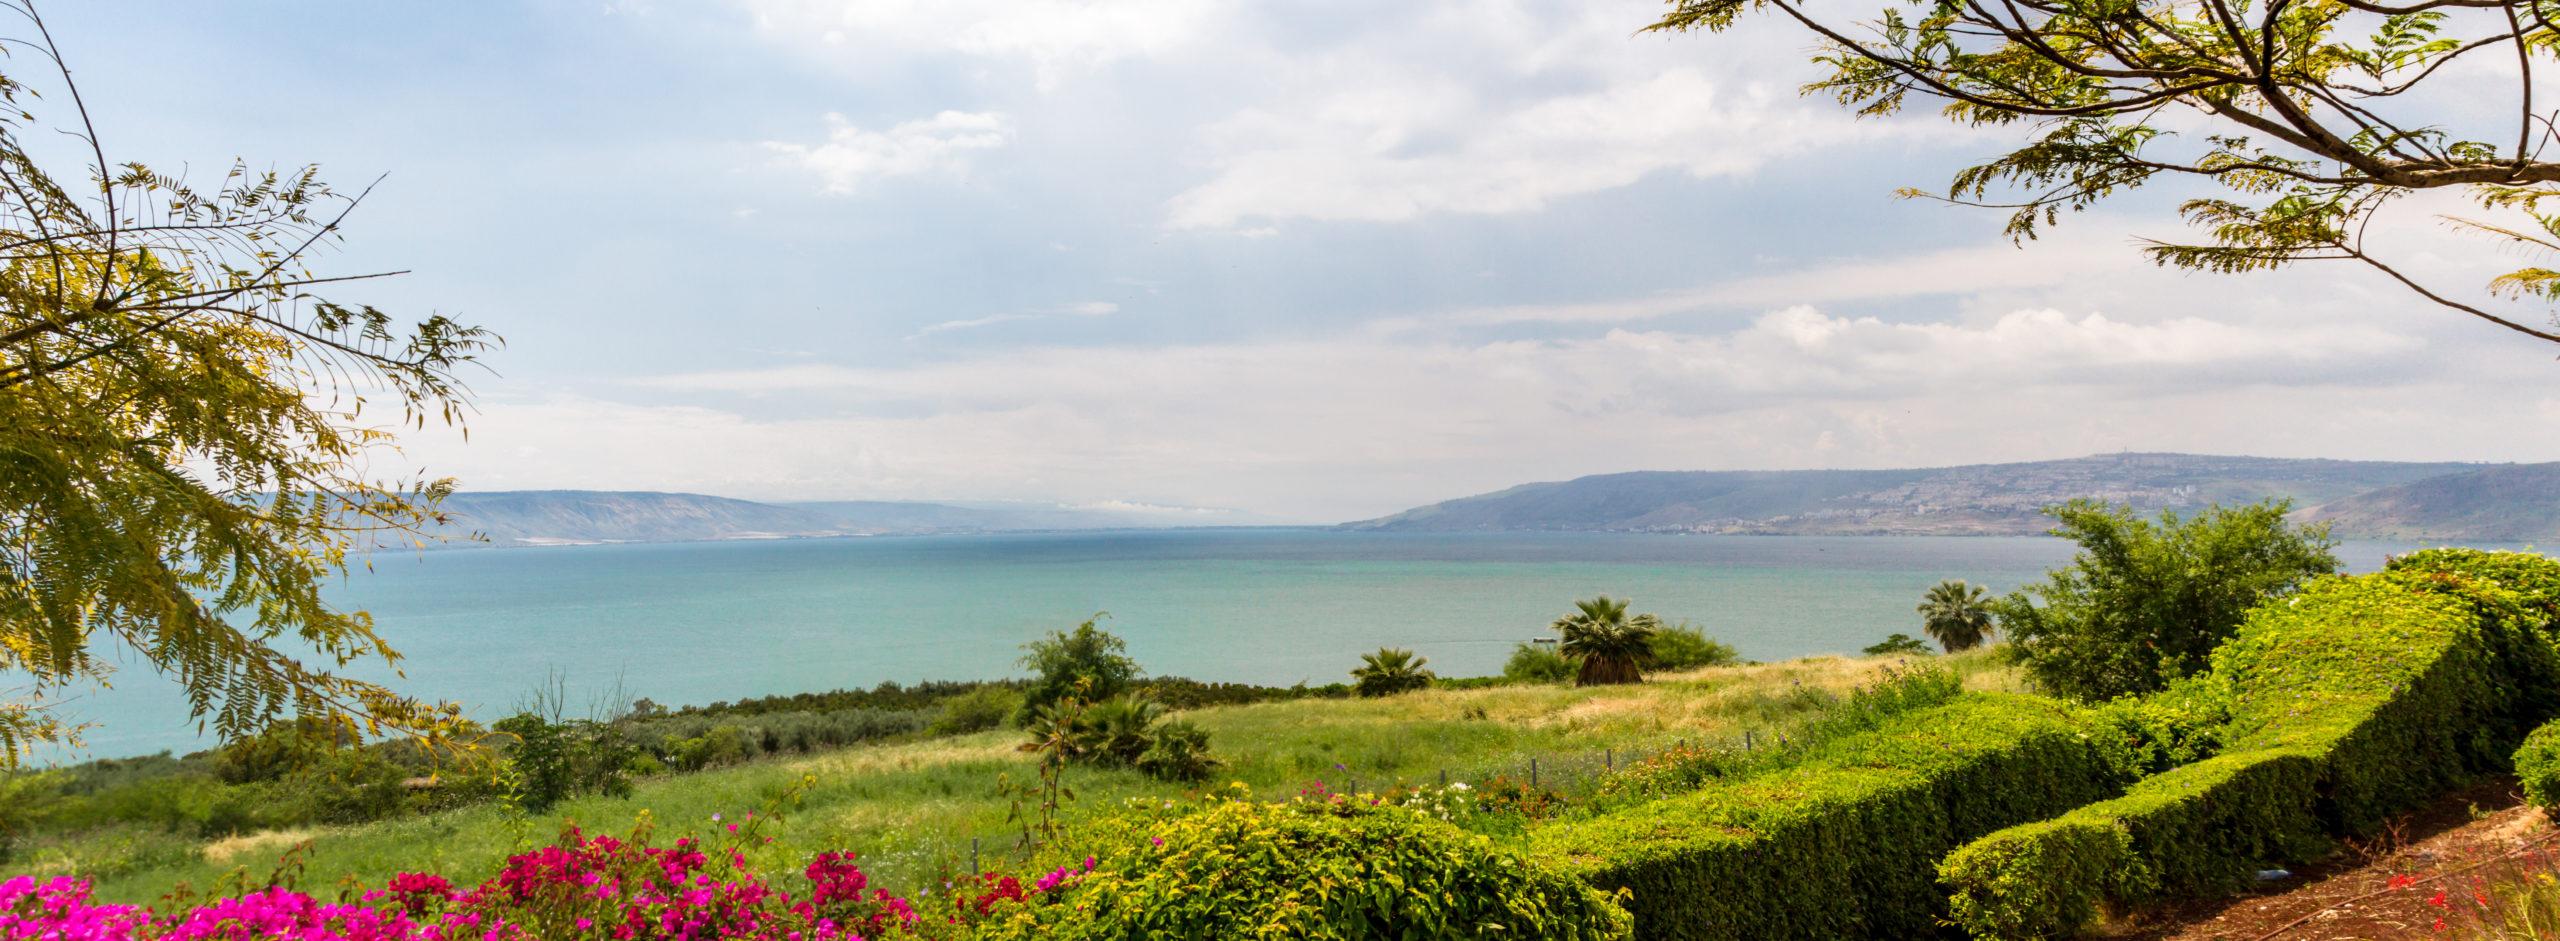 Israel [Shutterstock]